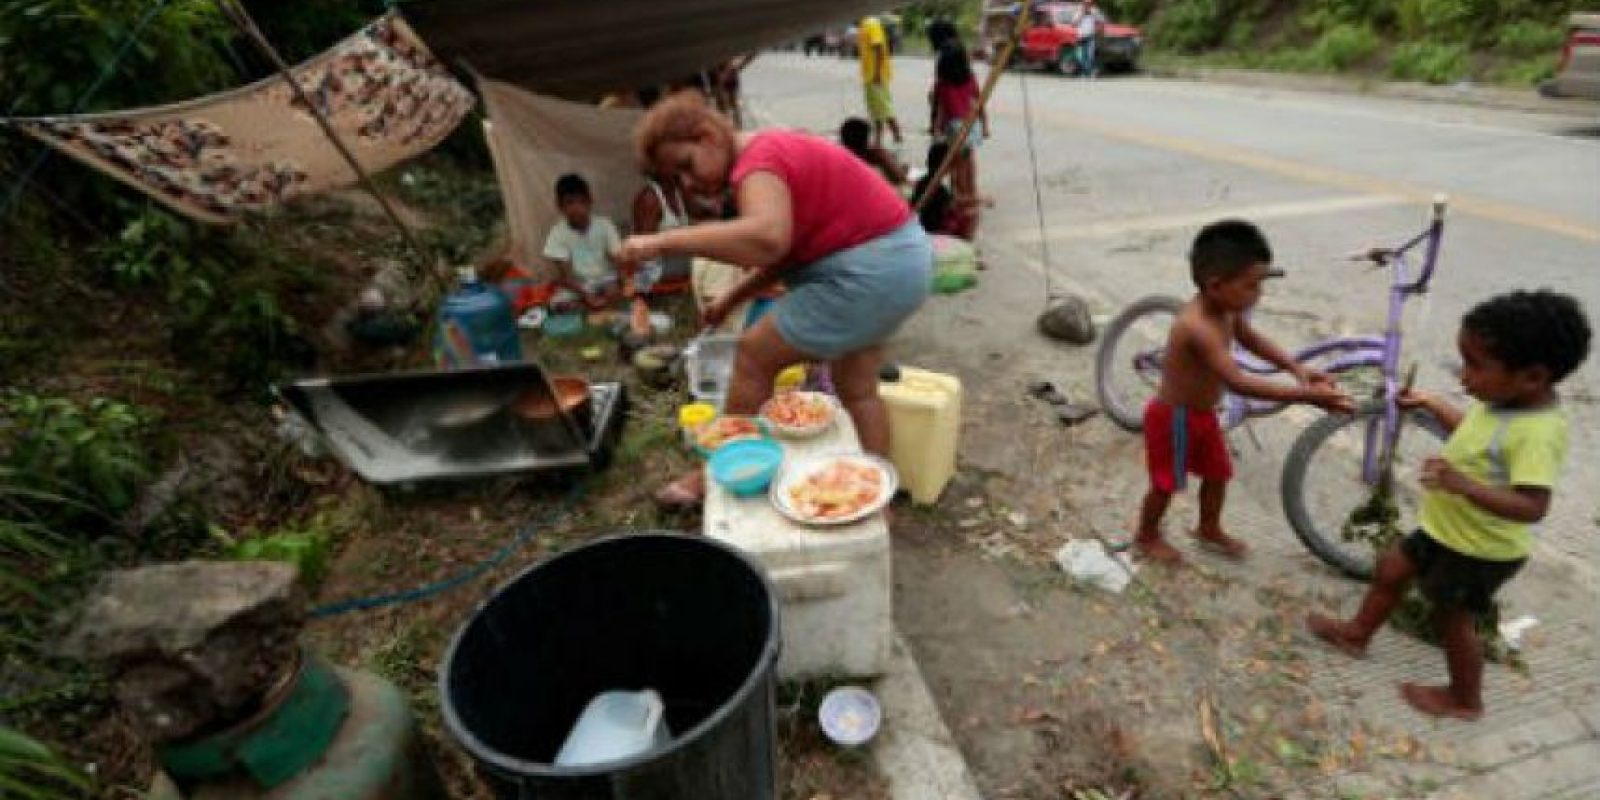 La gente lucha por sobrevivir con lo que puede. Foto:AFP